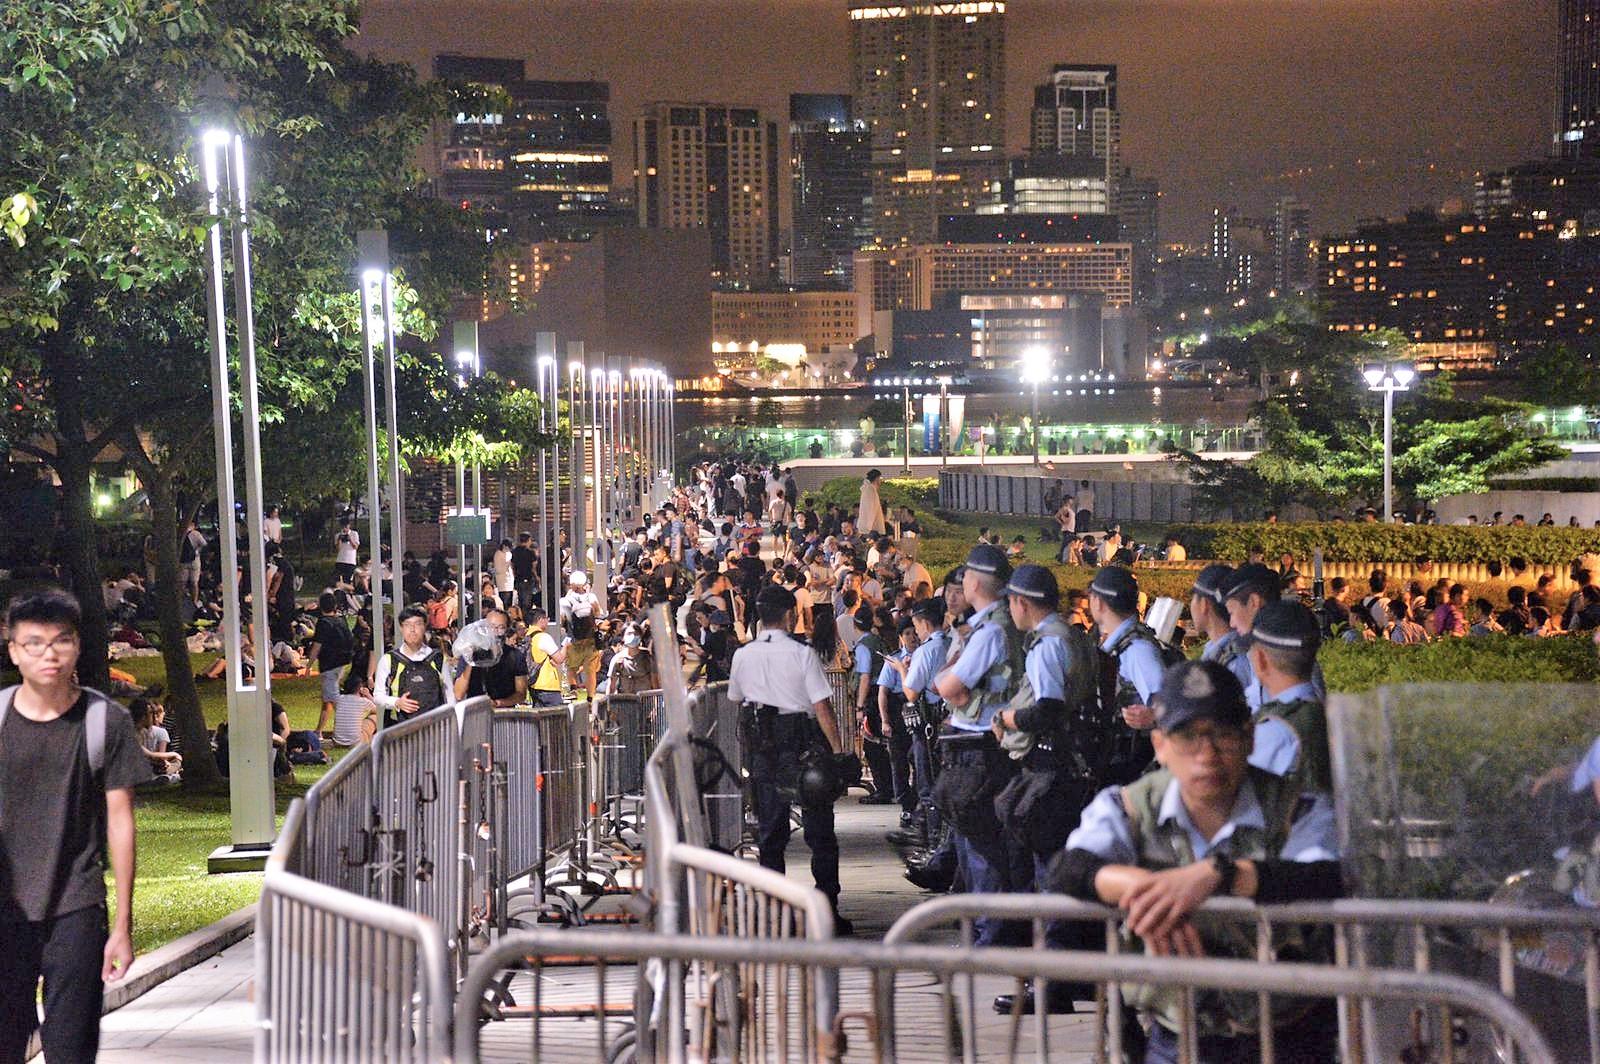 警員在立會外加強佈防。